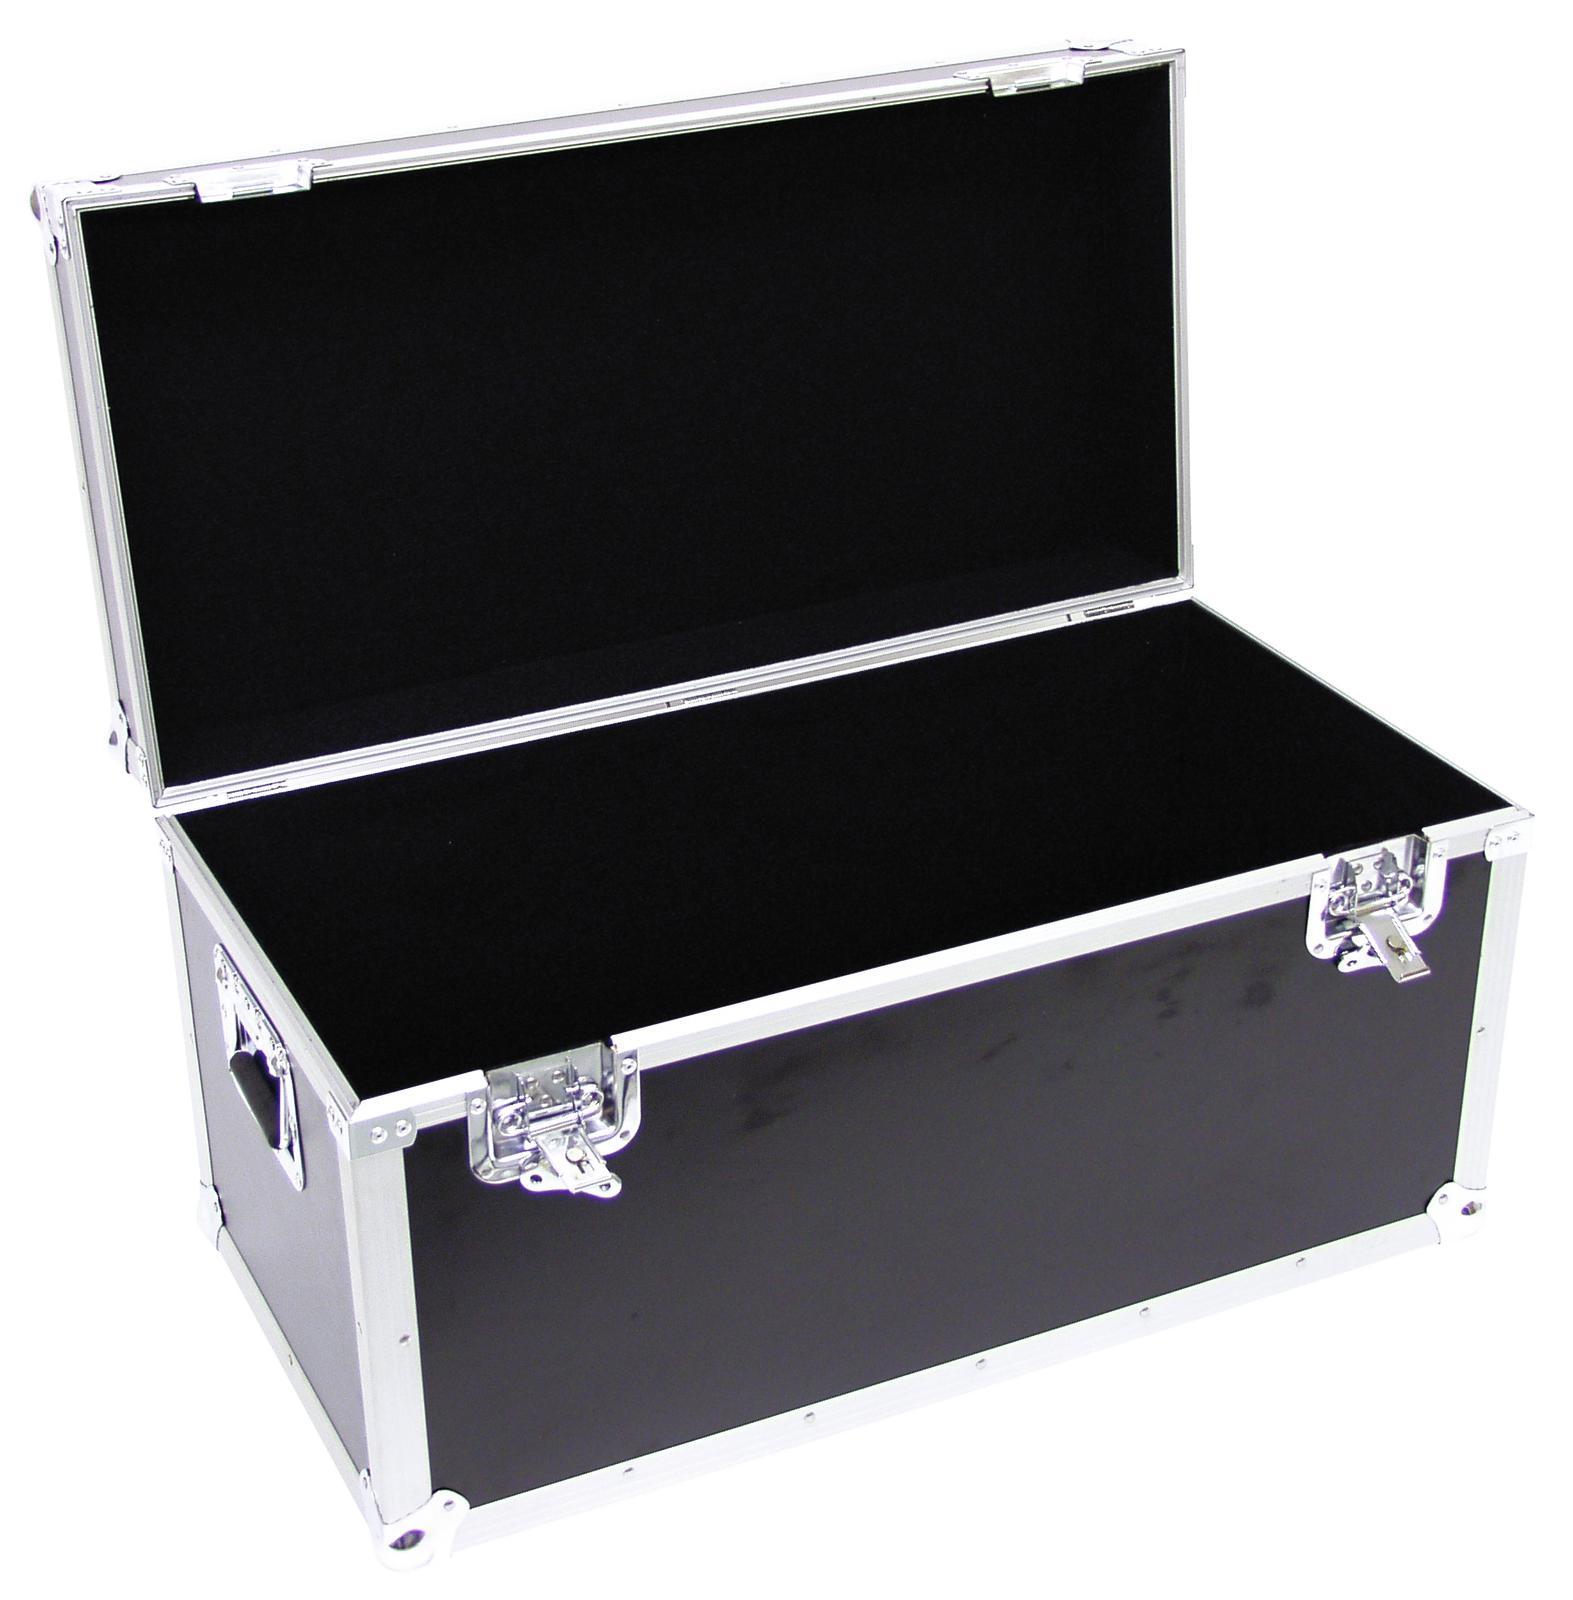 Universální transportní Case, 800 x 400 x 430 mm, 7 mm